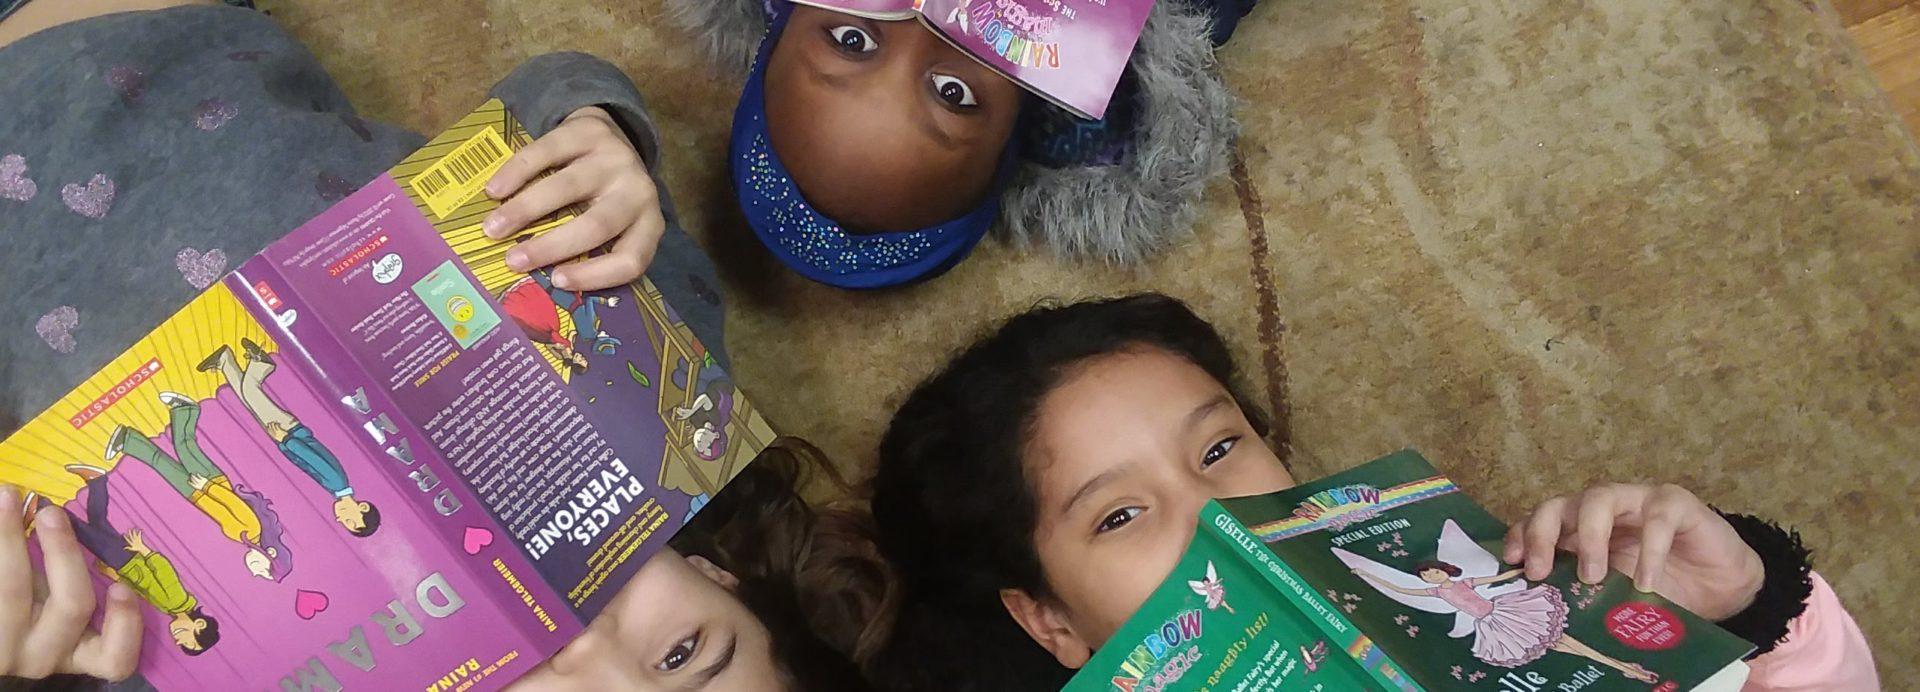 Kids Soar of Roanoke, VA 24016